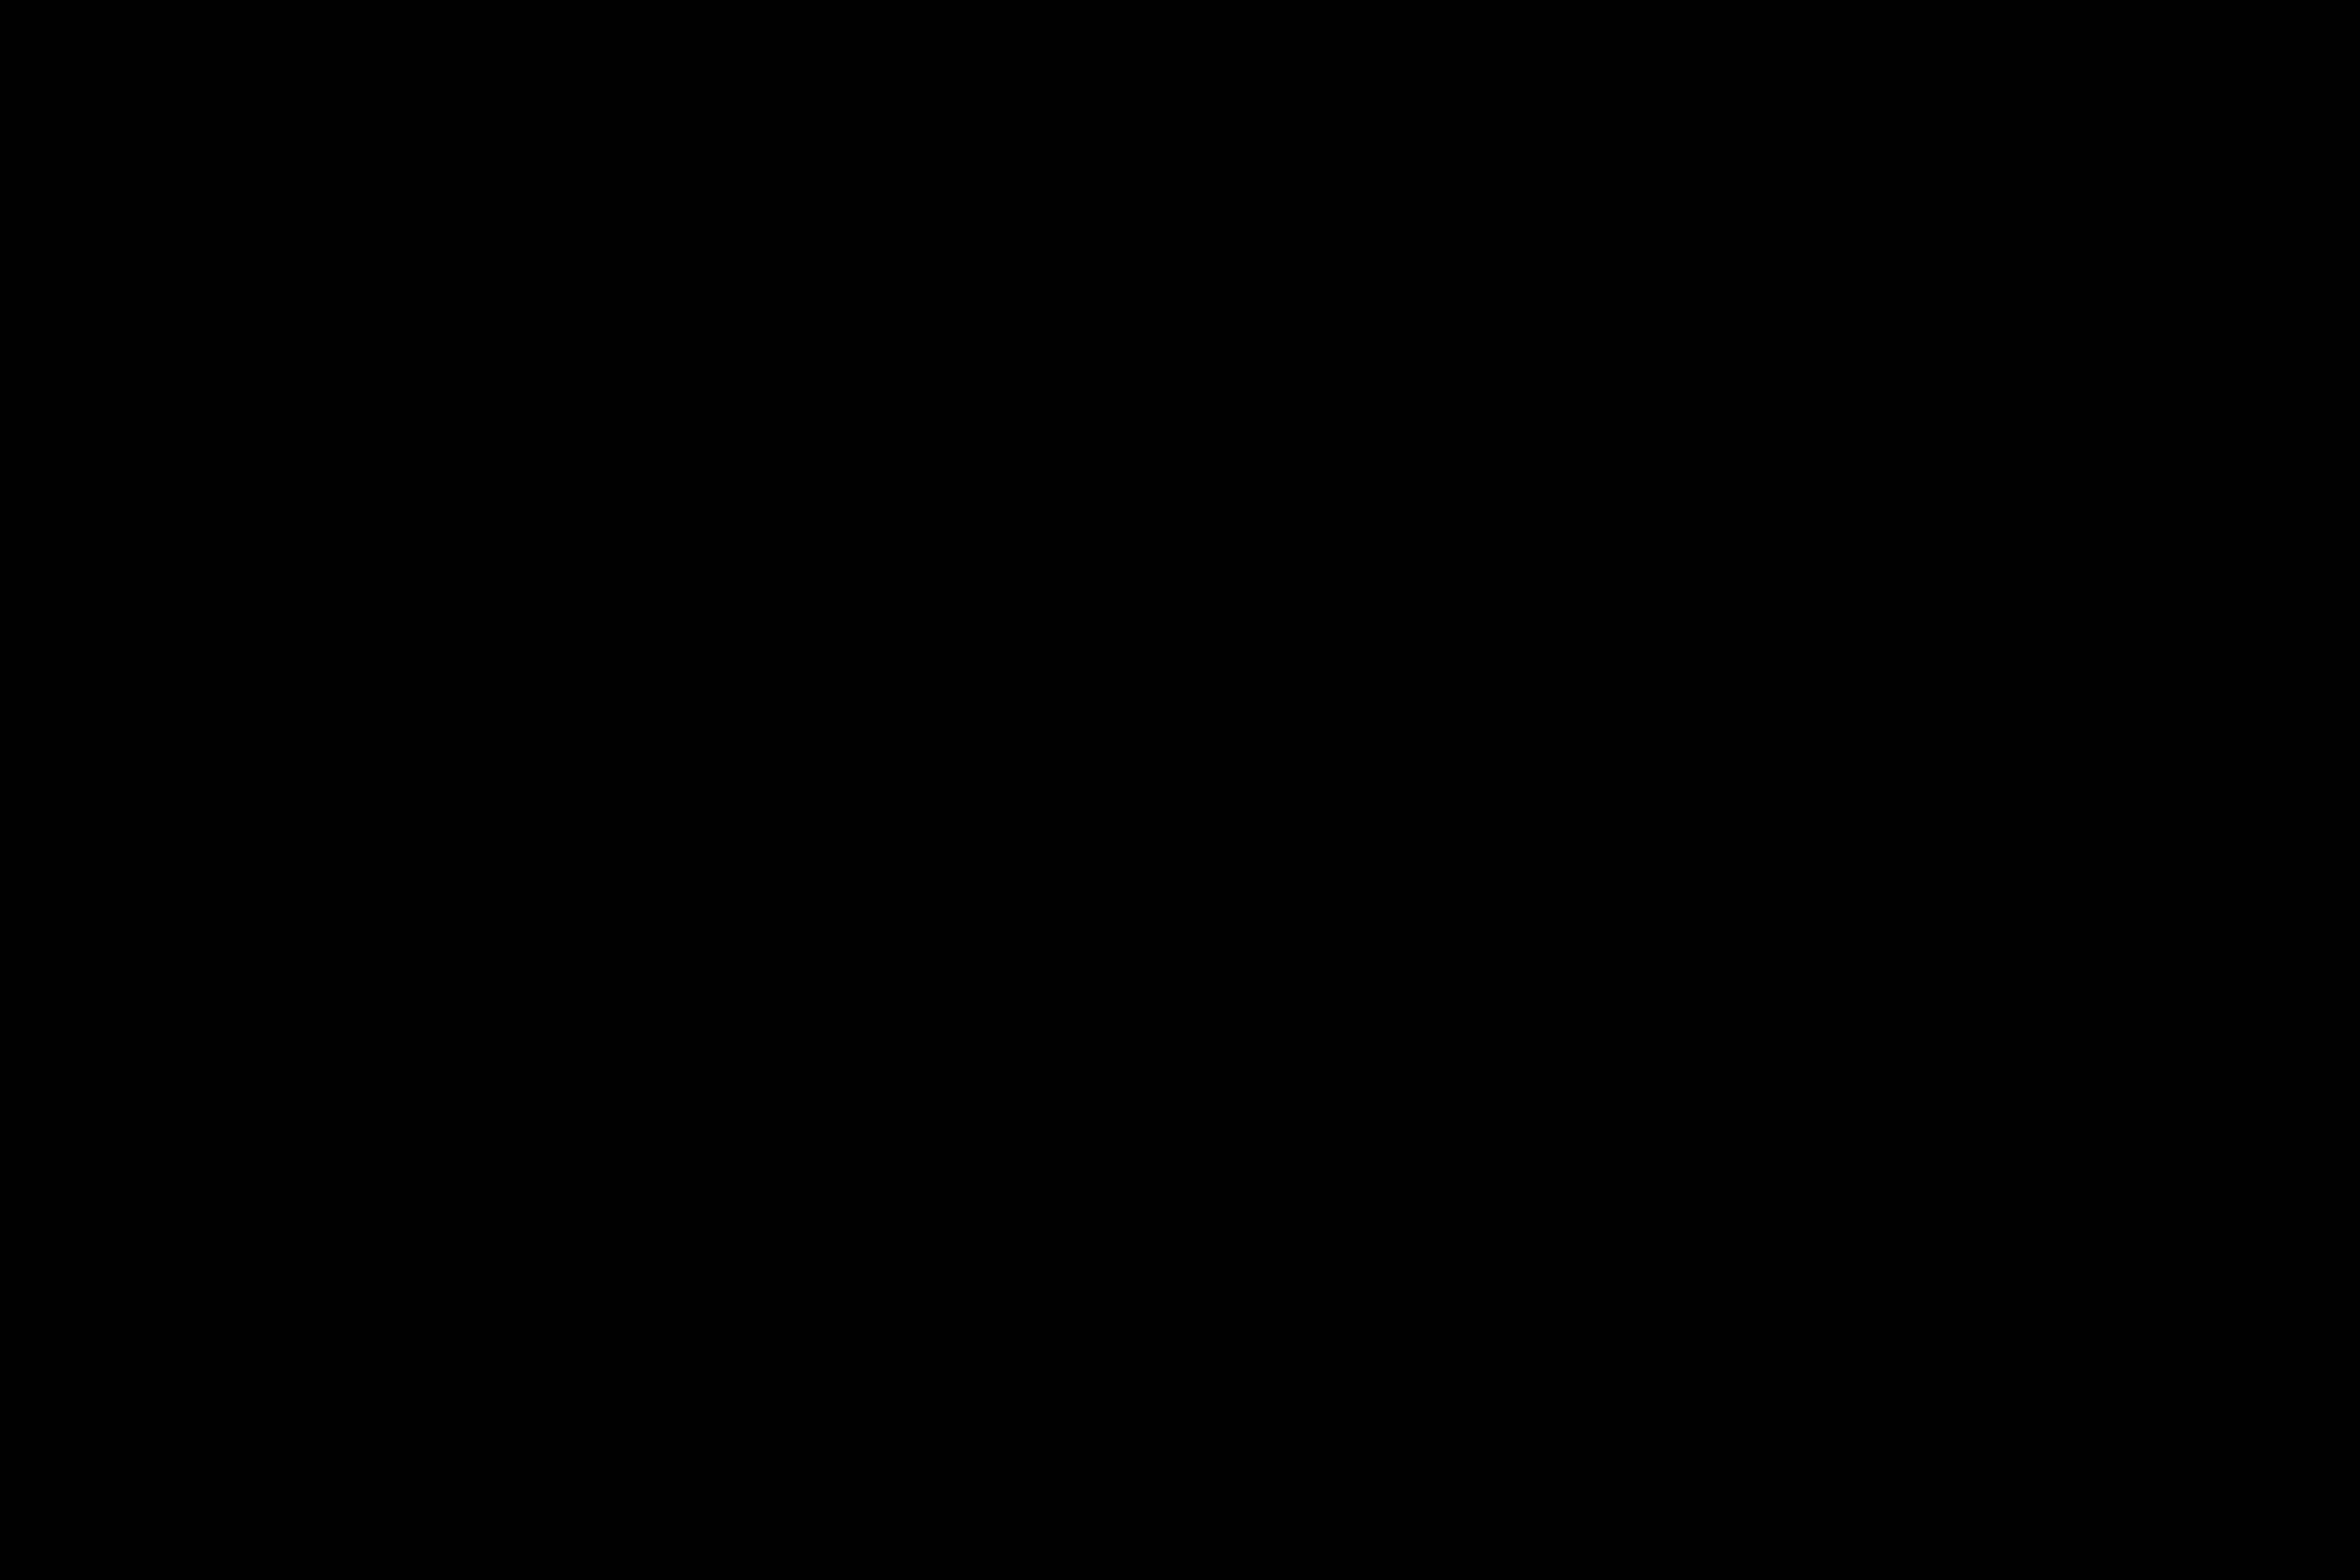 Duathlon Run Course